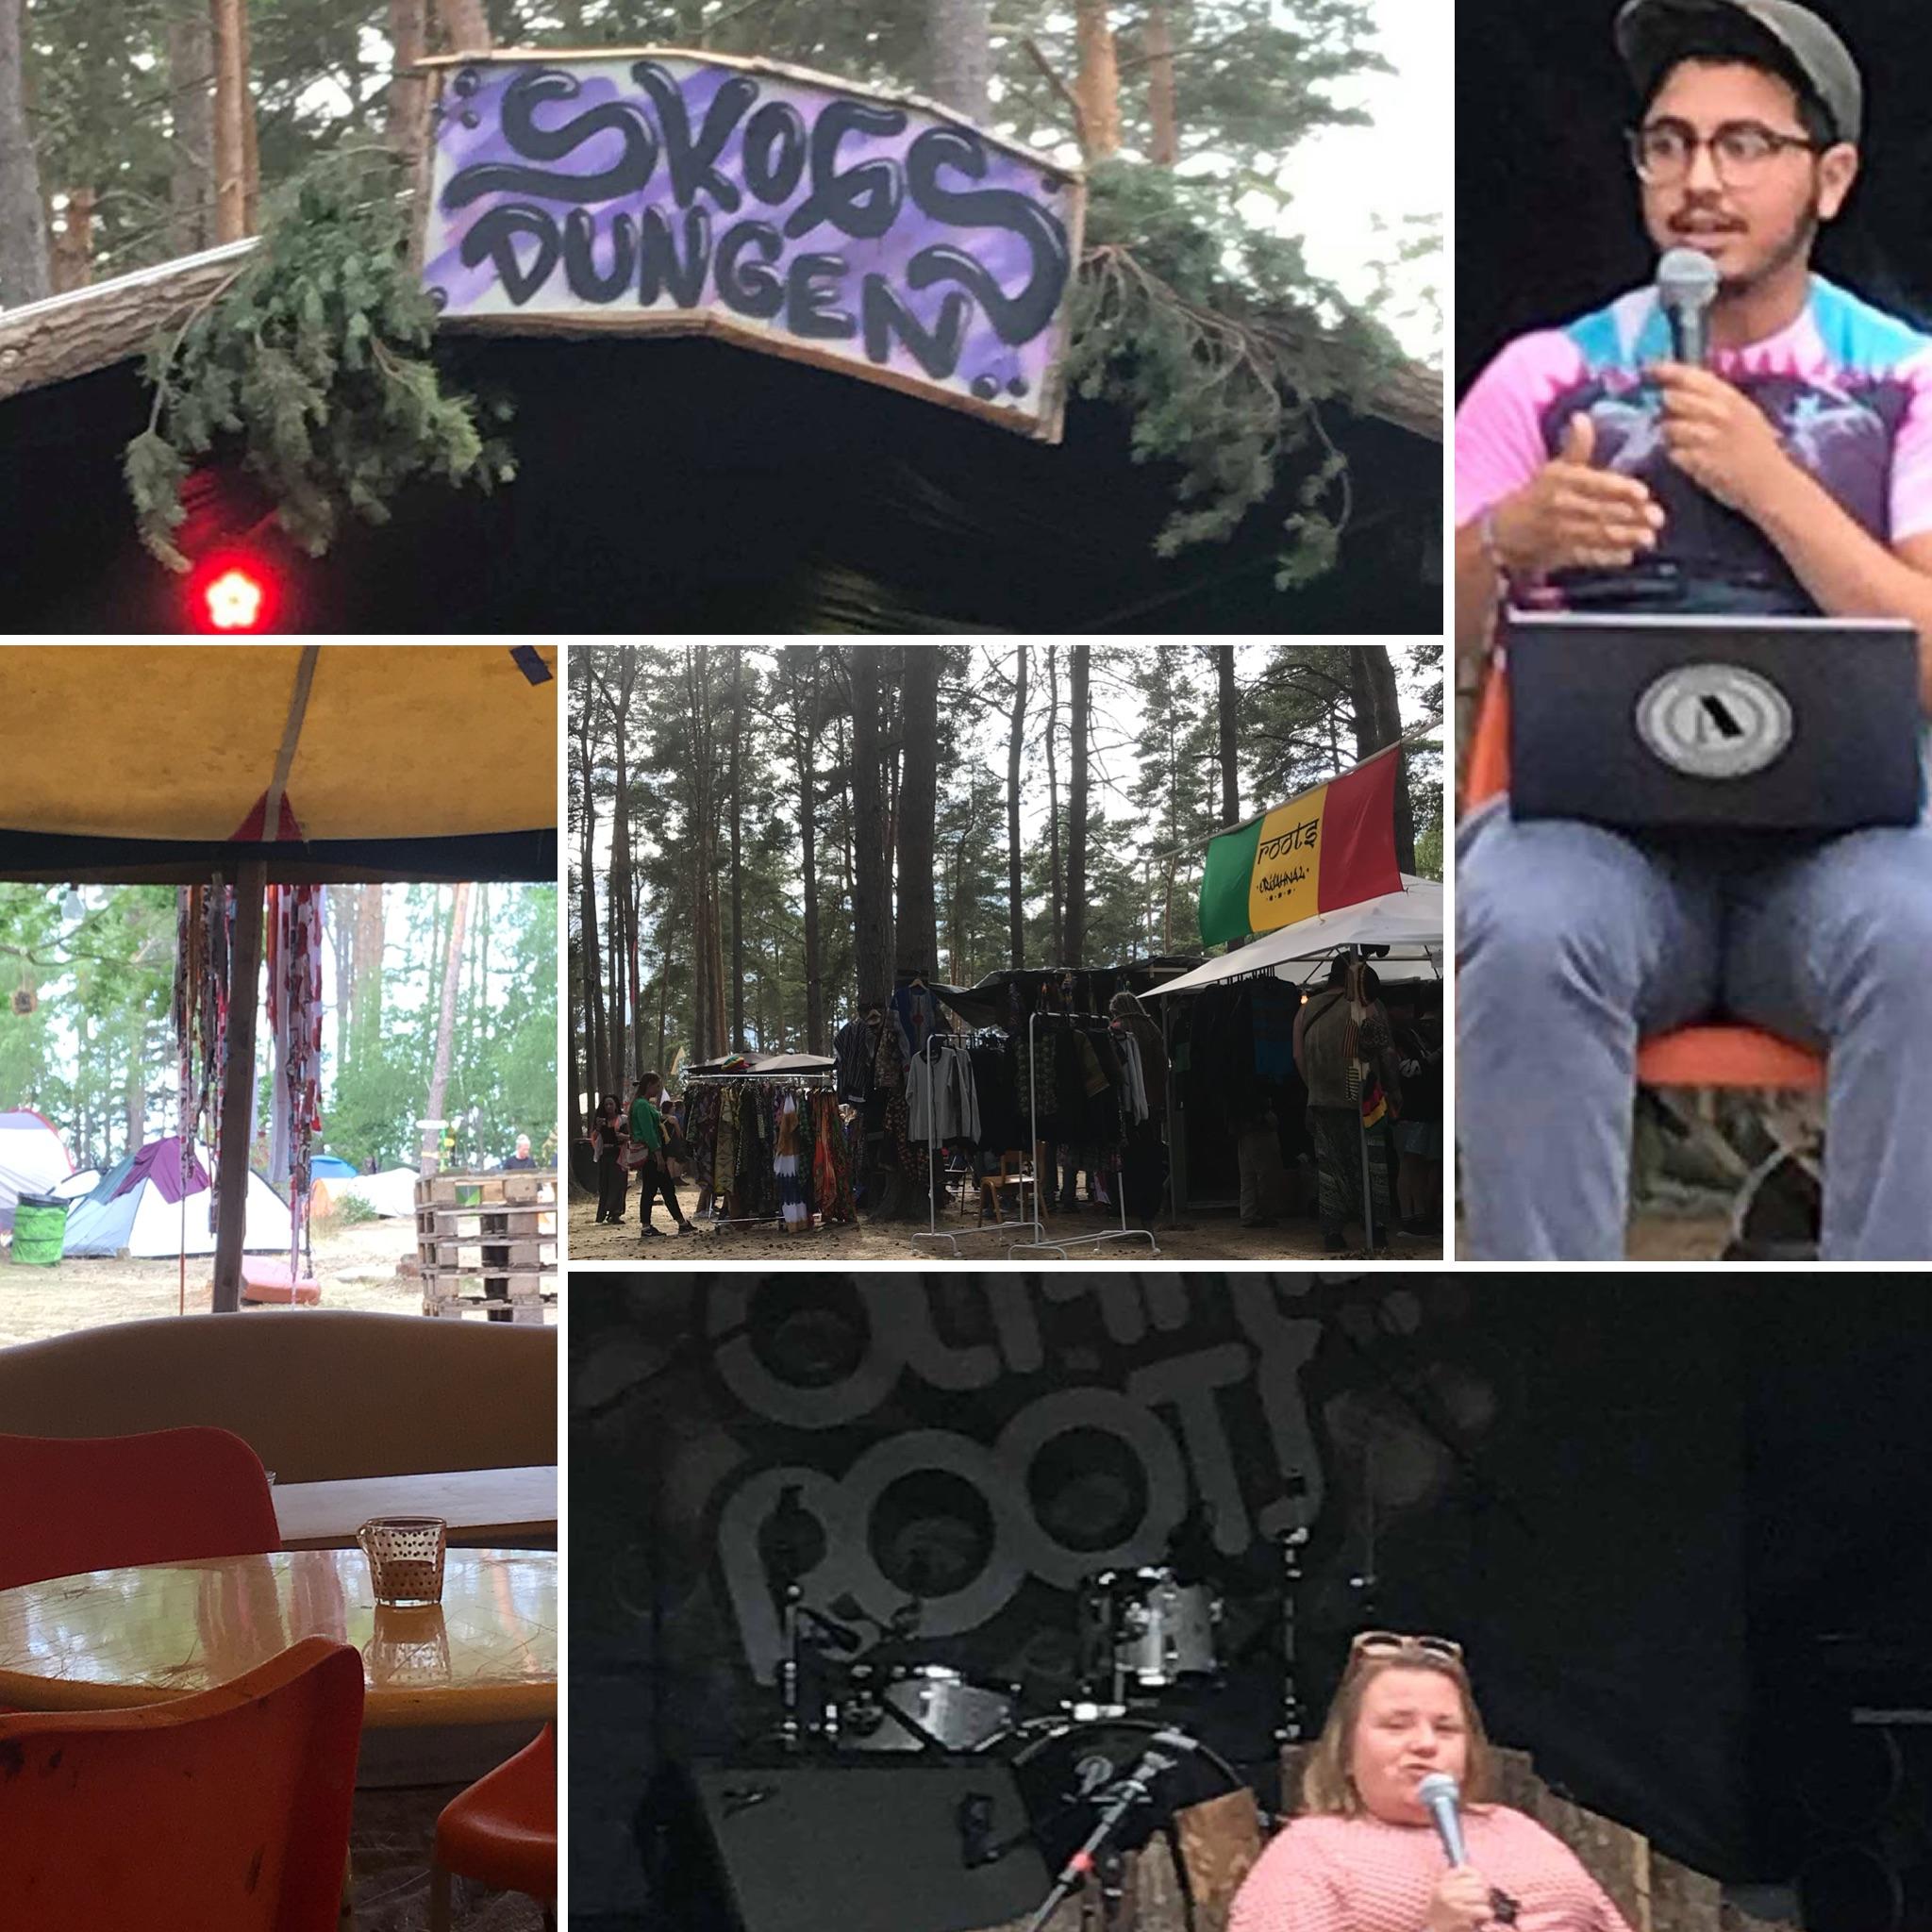 """Bildkollage med foton från Öland Roots, skogsdunge, möblerat tält, handmålad skylt """"Skogsdungen, Yousef och Maria som talar i mikrofon."""